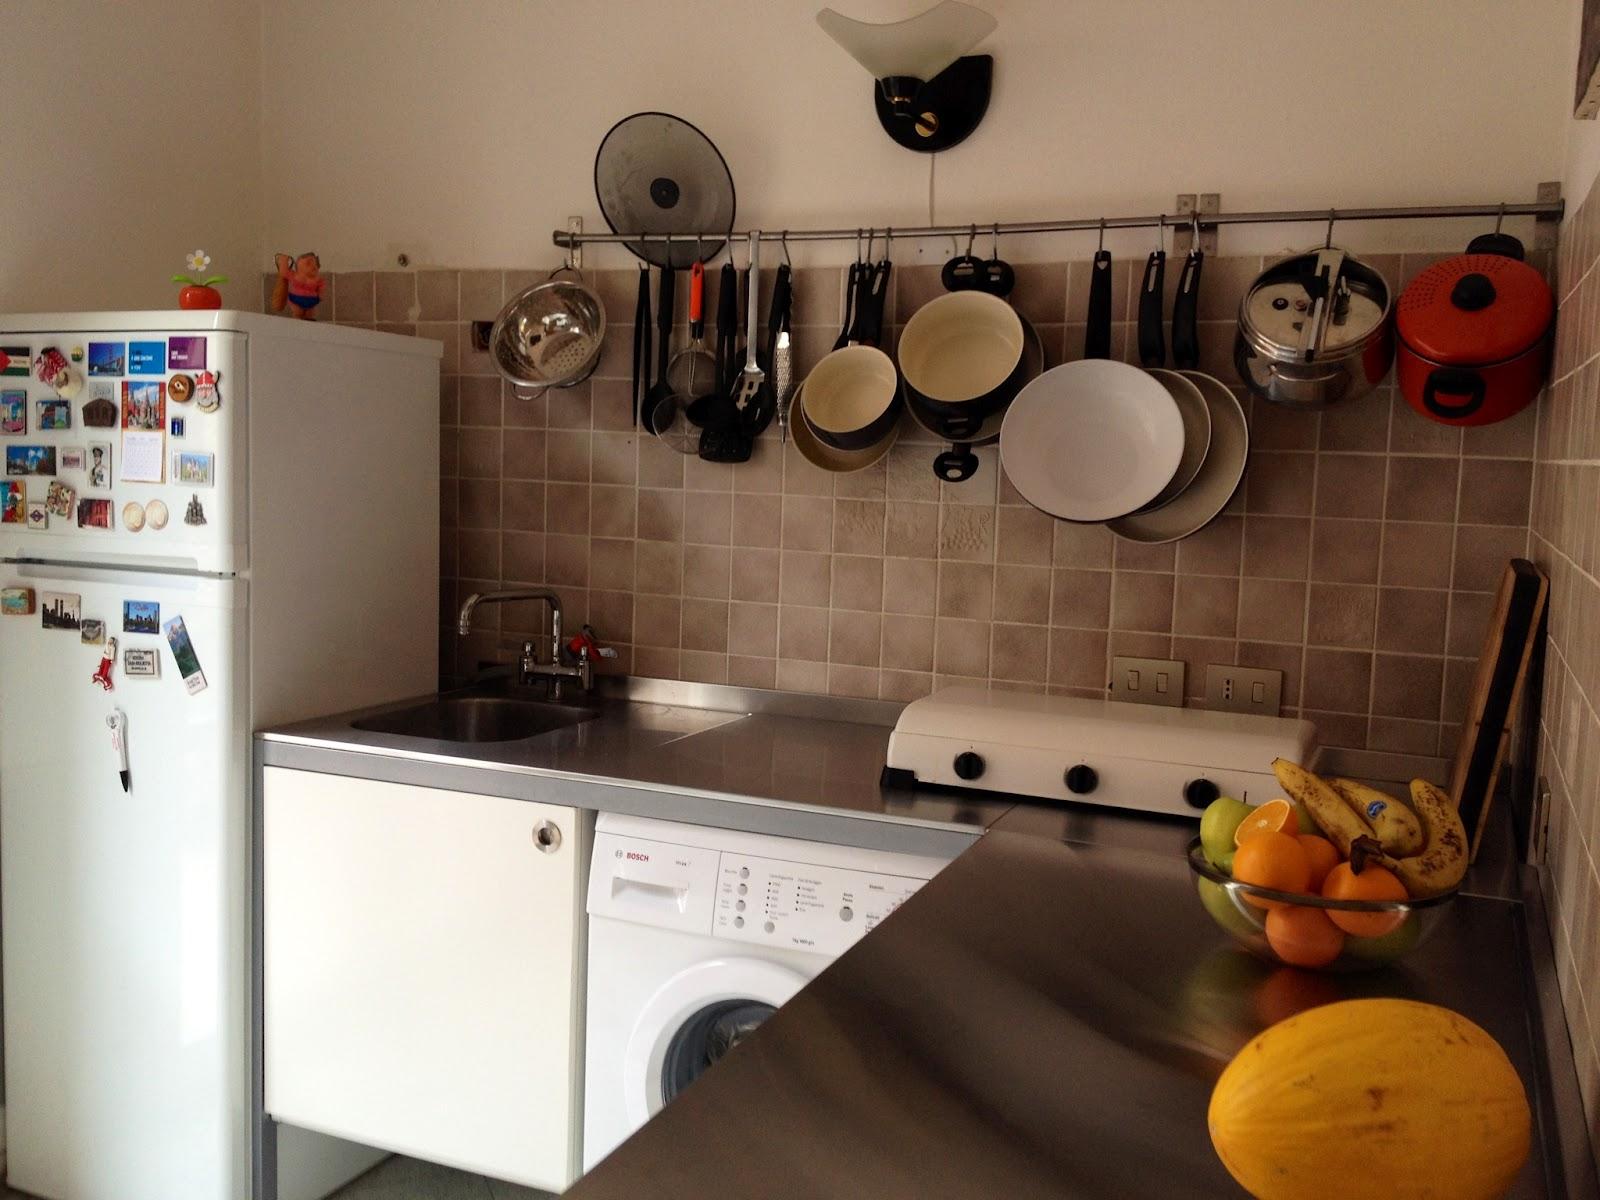 Cucina IKEA Mod. UDDEN Lavello Con Rubinetto. Misure 91h X 127l X 65p #B97412 1600 1200 Mobiletti Multiuso Per Esterni